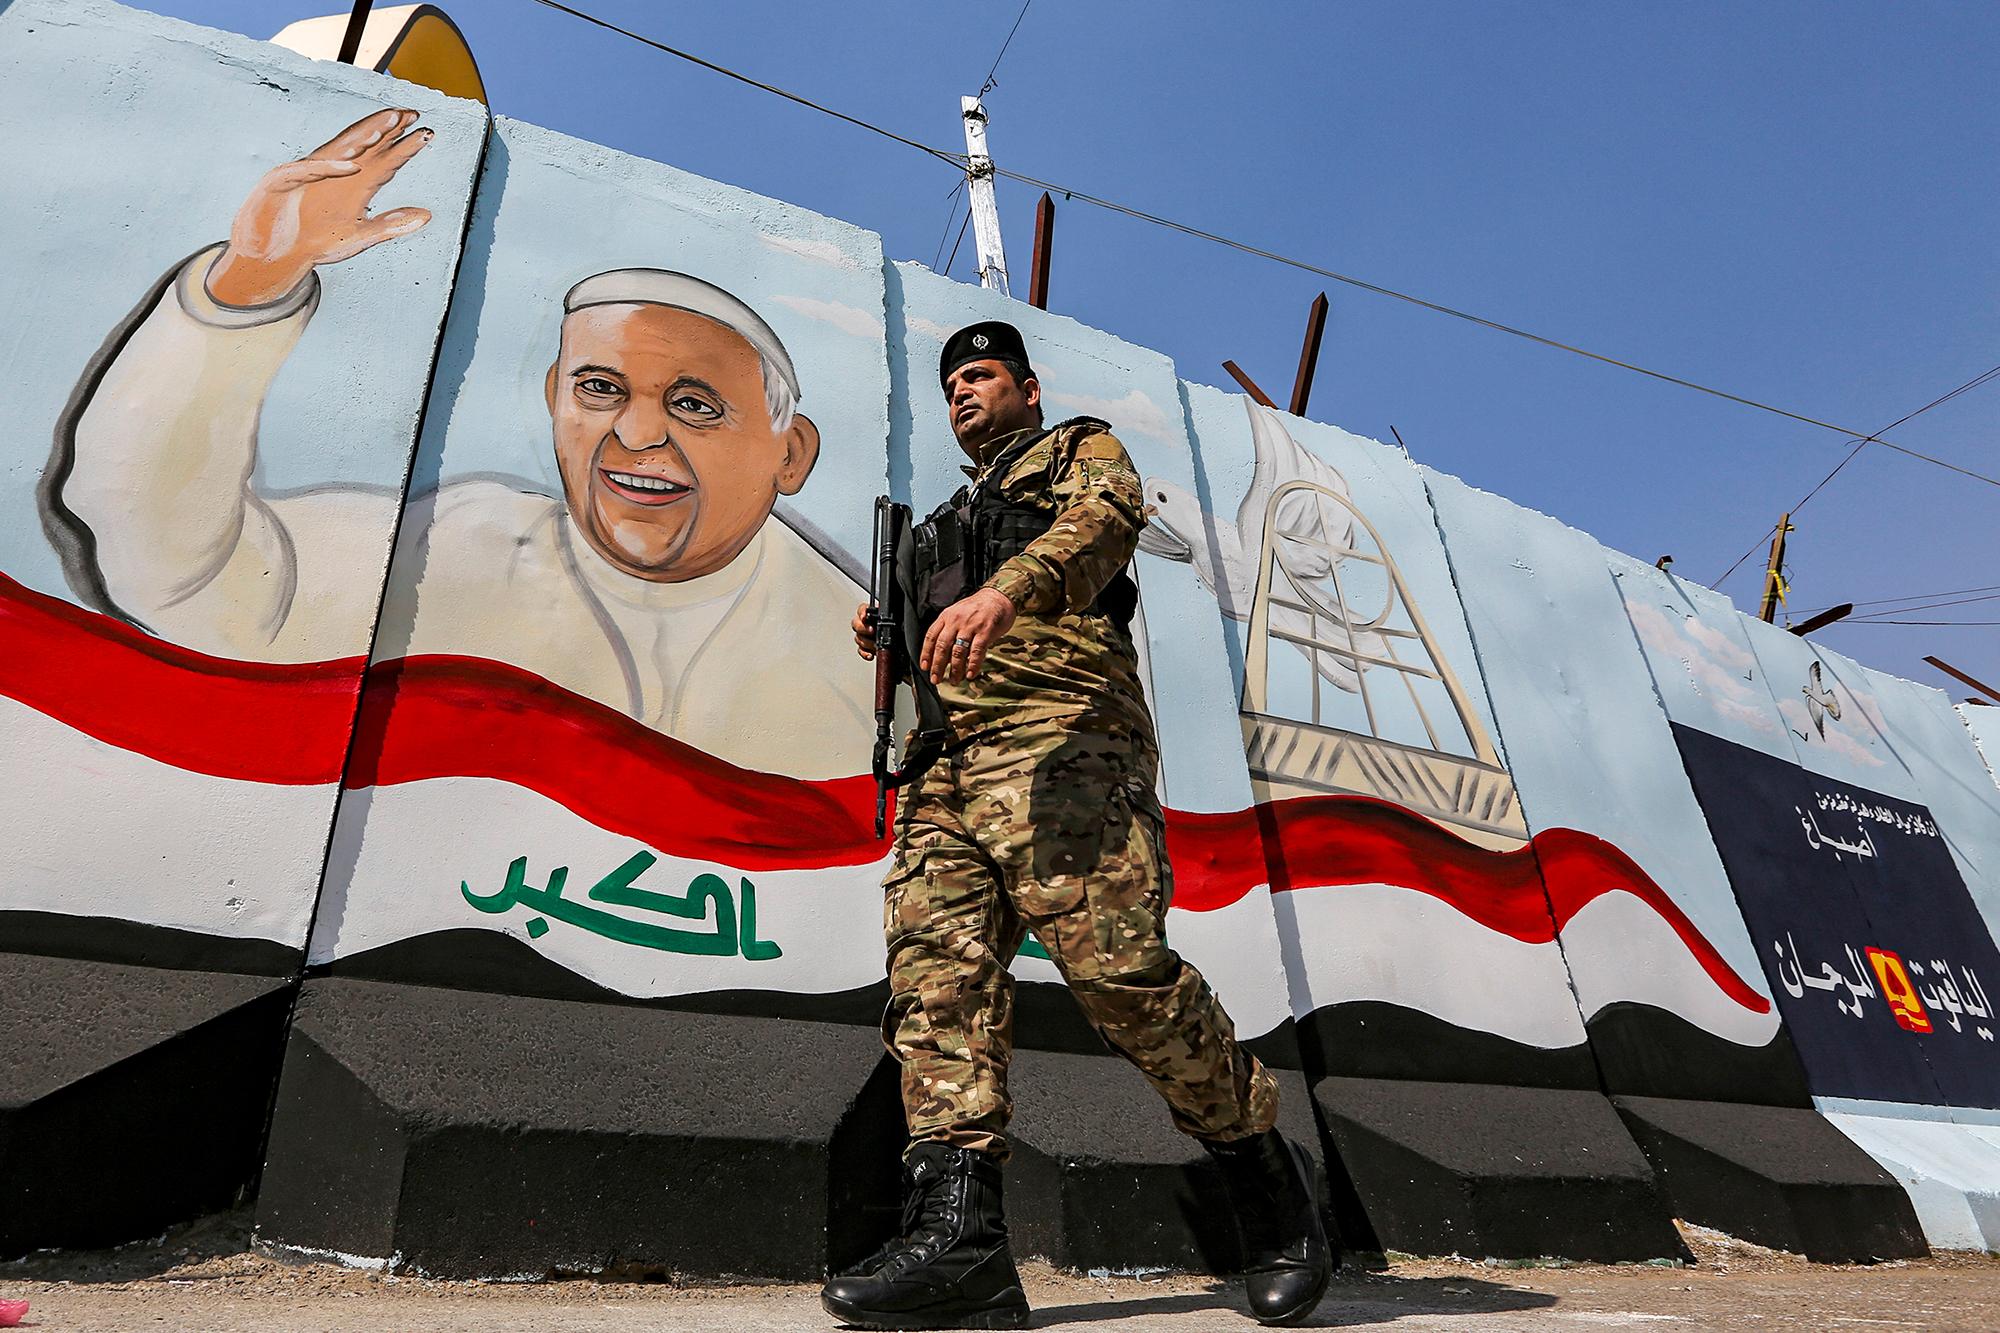 Le voyage du pape François en Irak, un événement historique